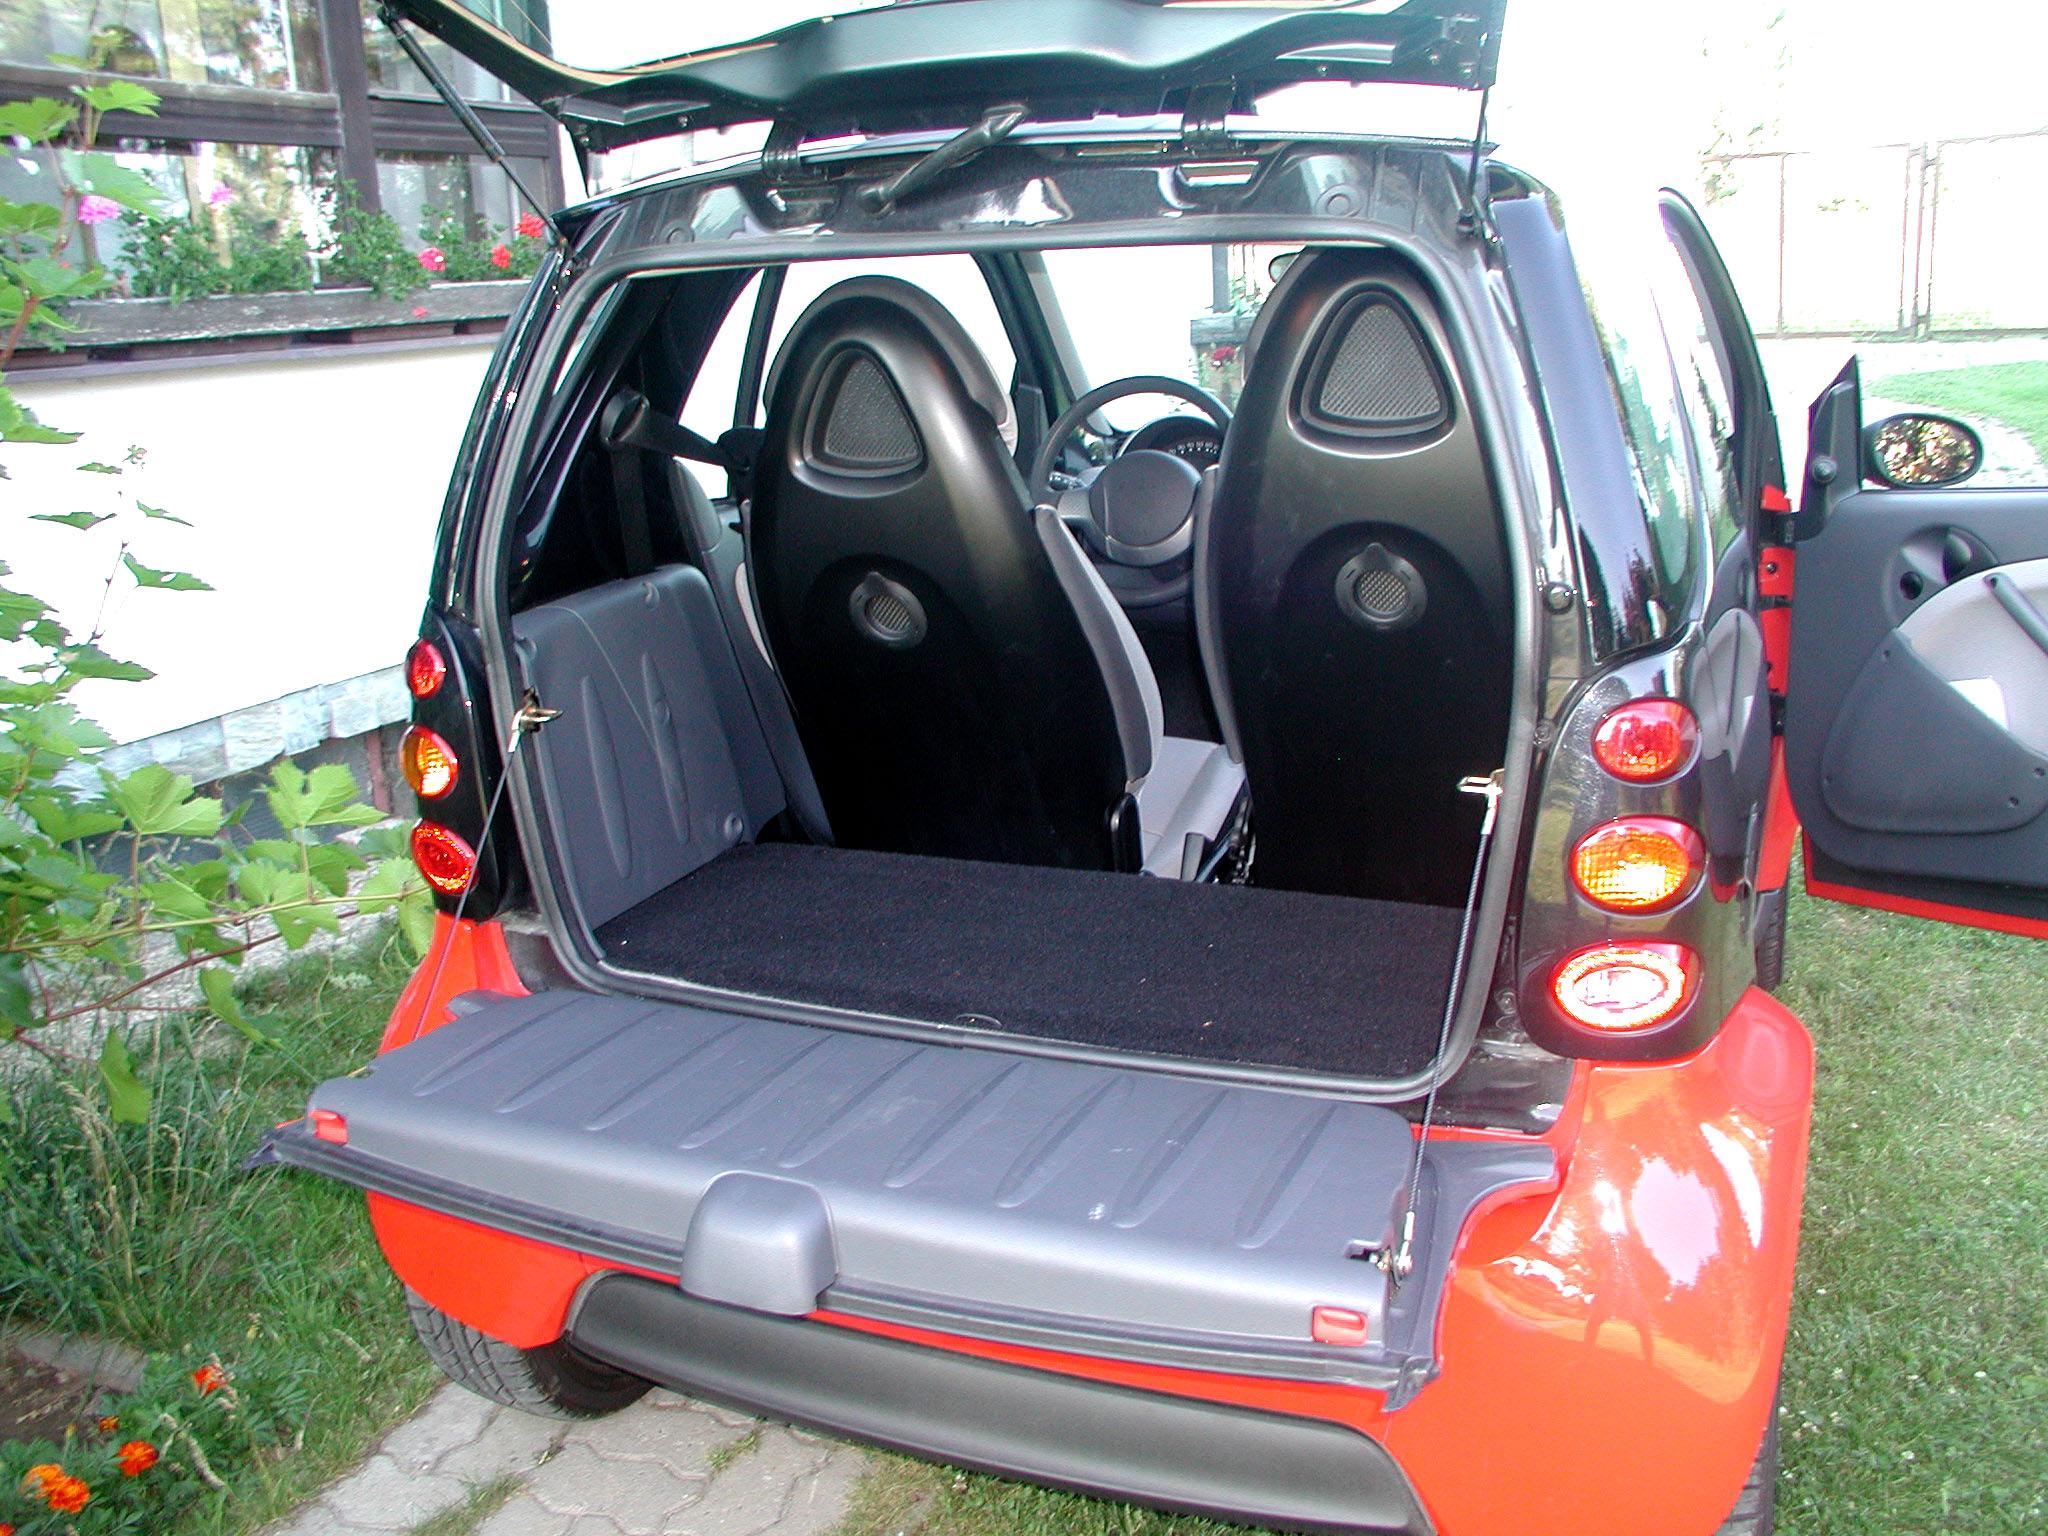 Smart City Coupé sbenzinovým motorem 0,7 litru se šestistupňovou automatickou převodovkou vtestu redakce